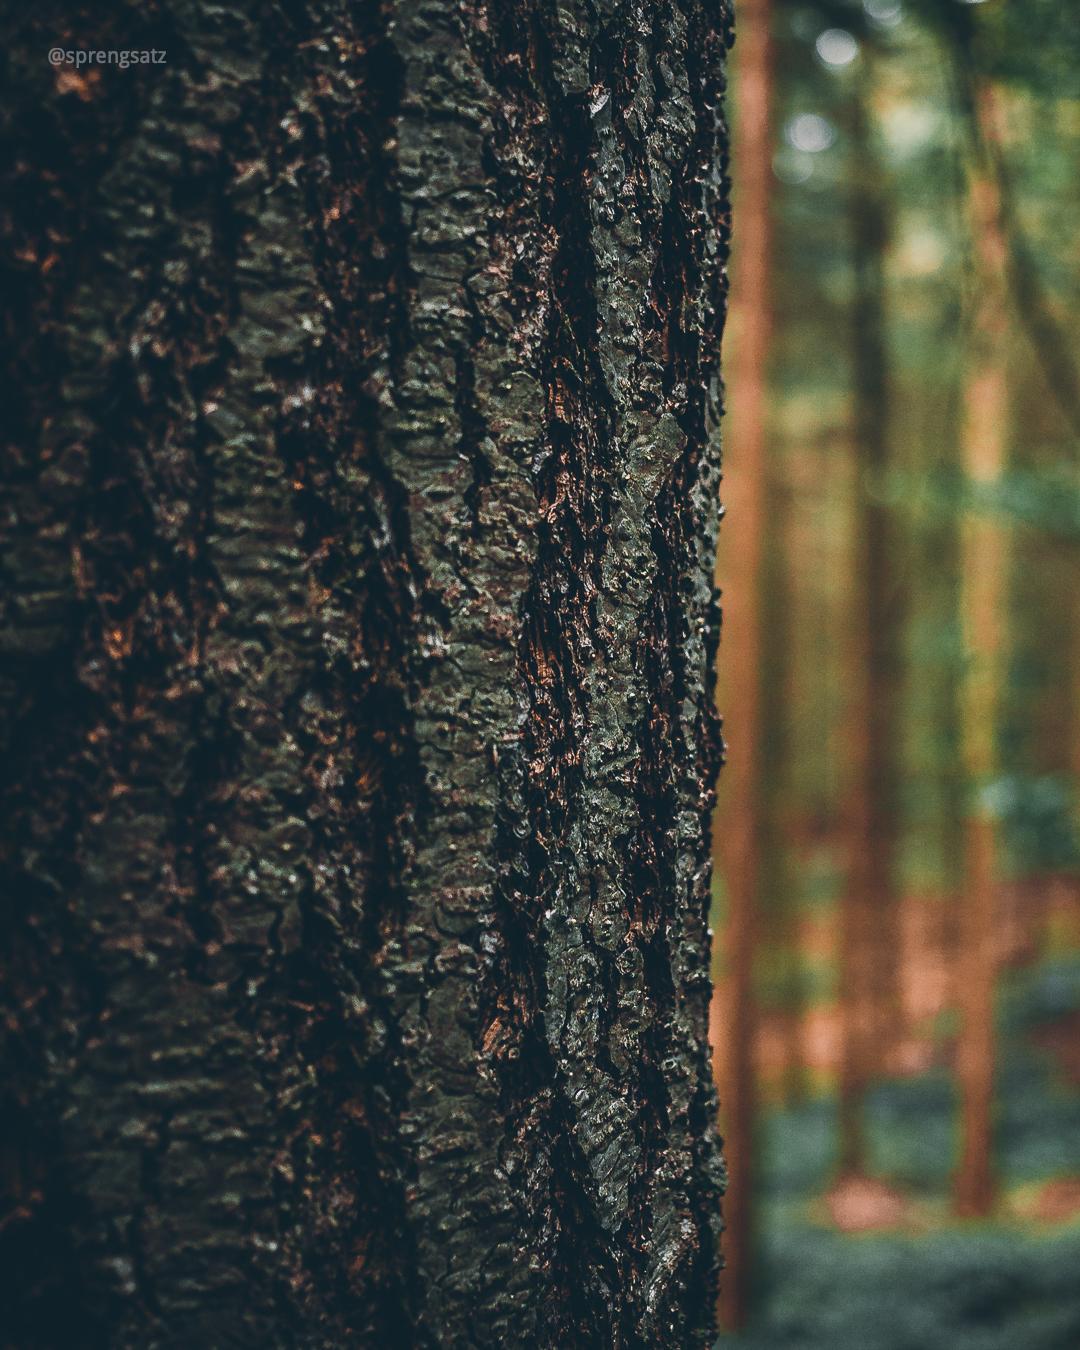 Detail einer Baumrinde